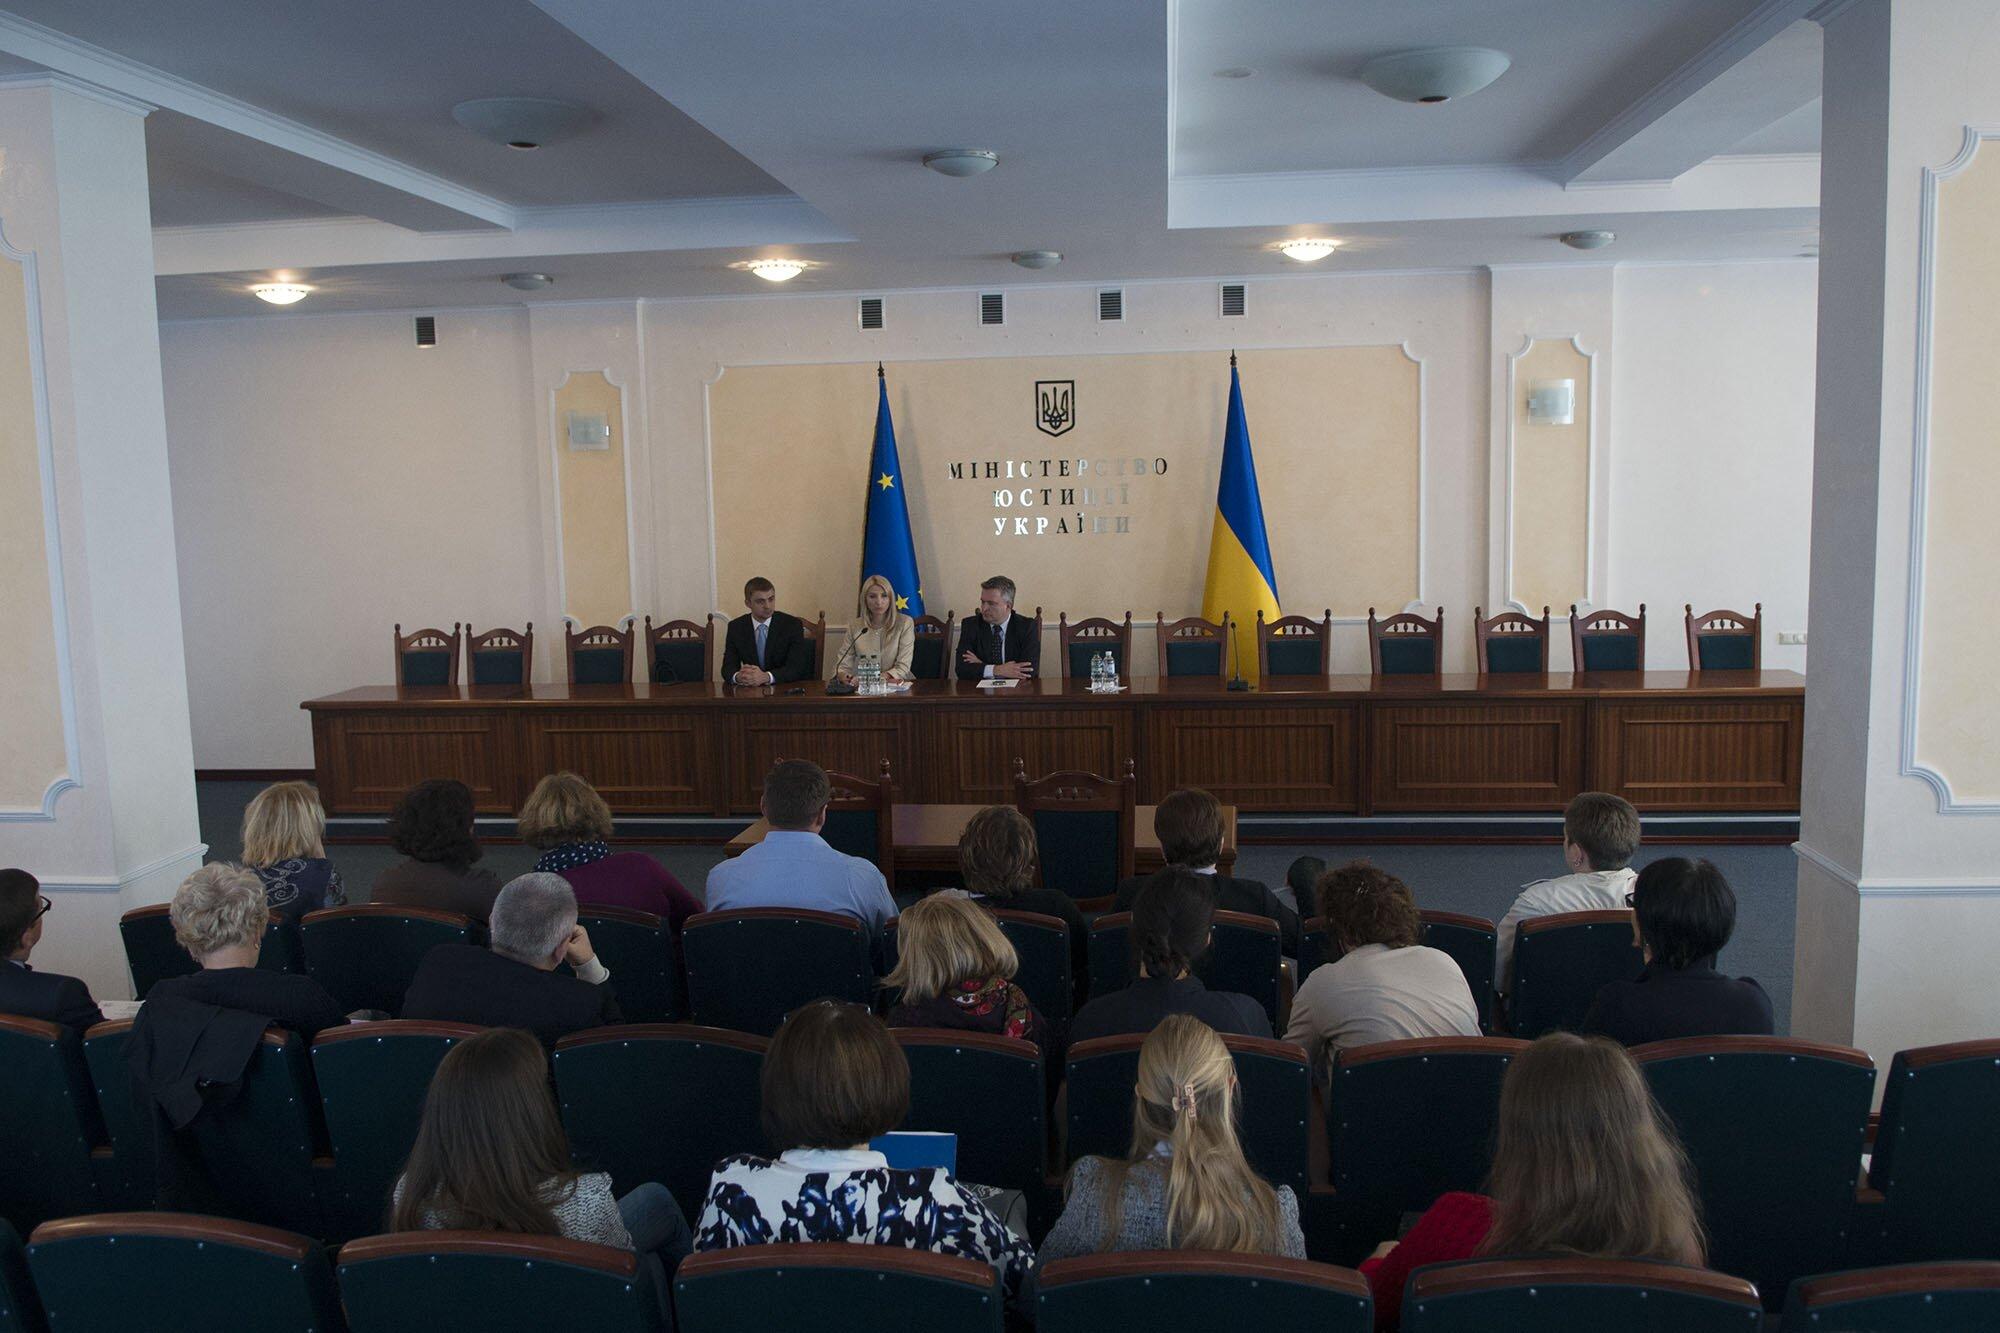 Понад 250 представників неурядових організацій зголосилися долучитися до розробки Національного плану дій з прав людини, - Наталія Севостьянова